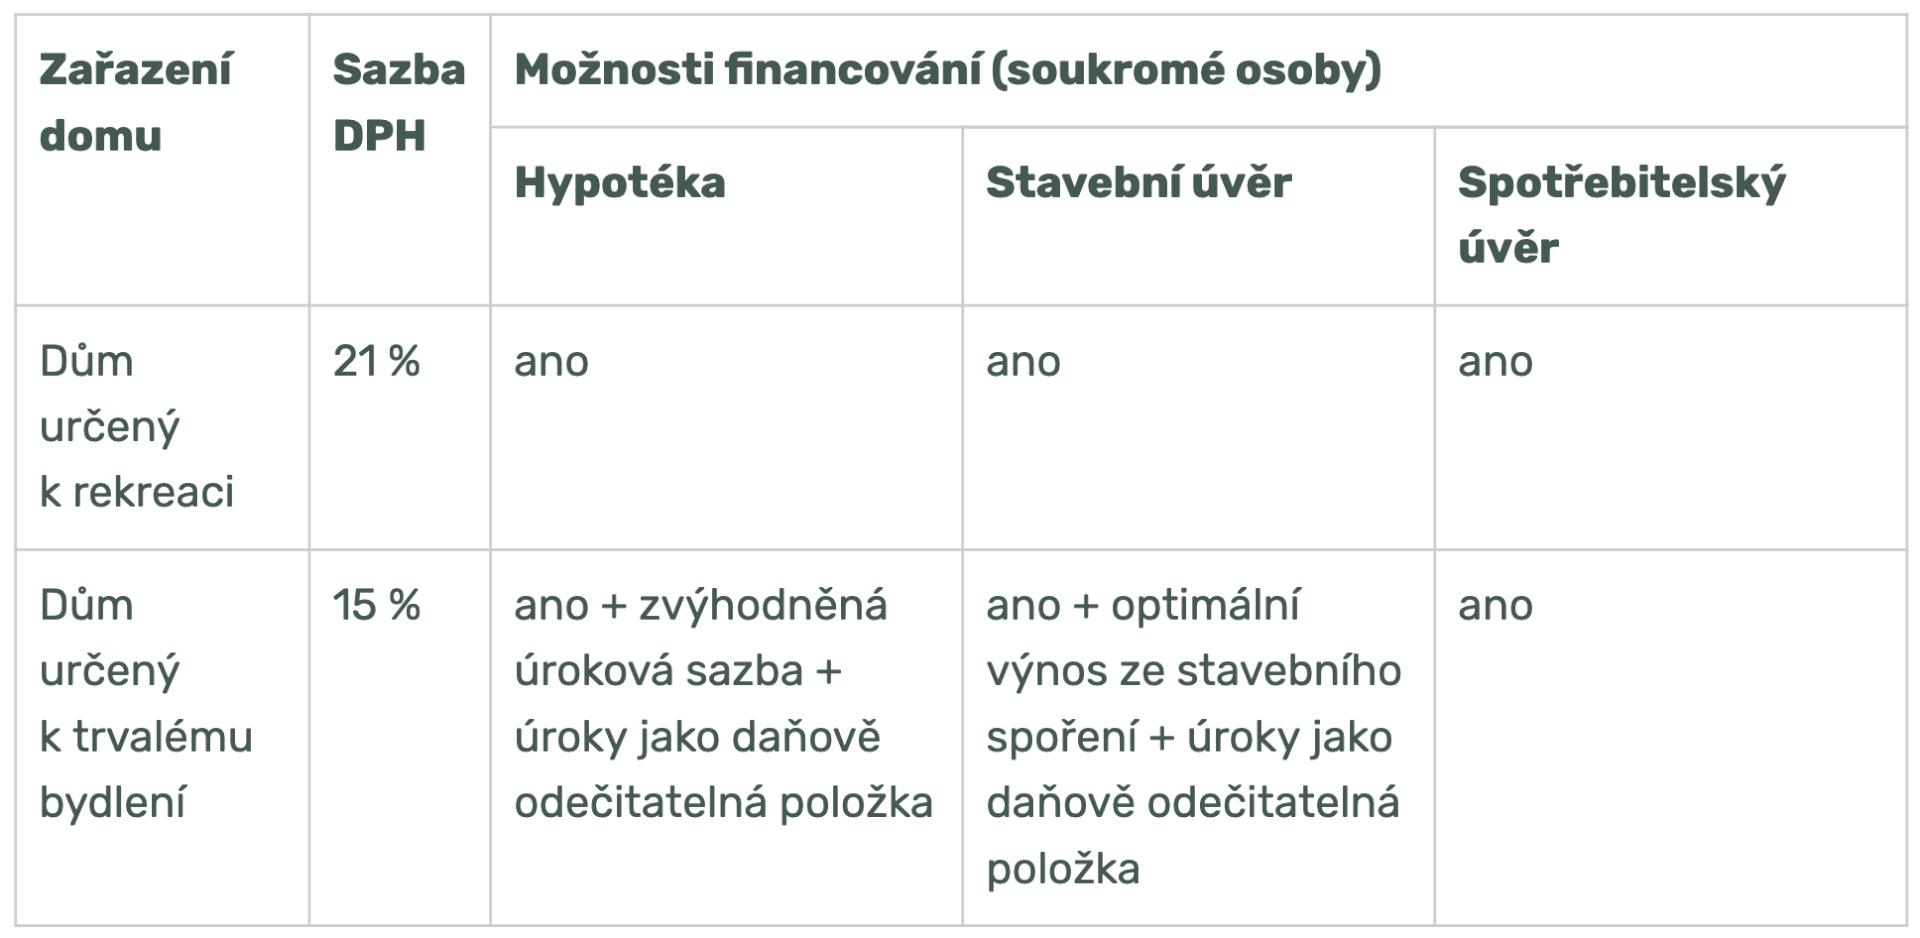 Možnosti financování | Homing.cz